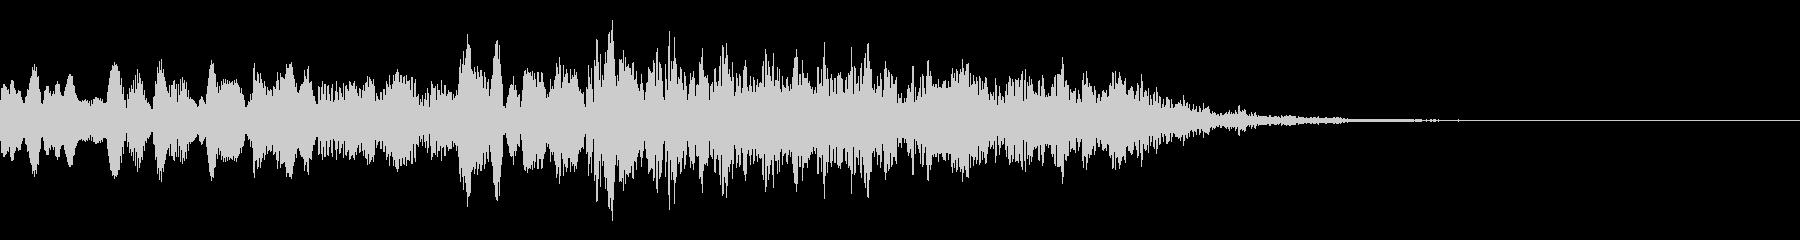 不思議な音03の未再生の波形